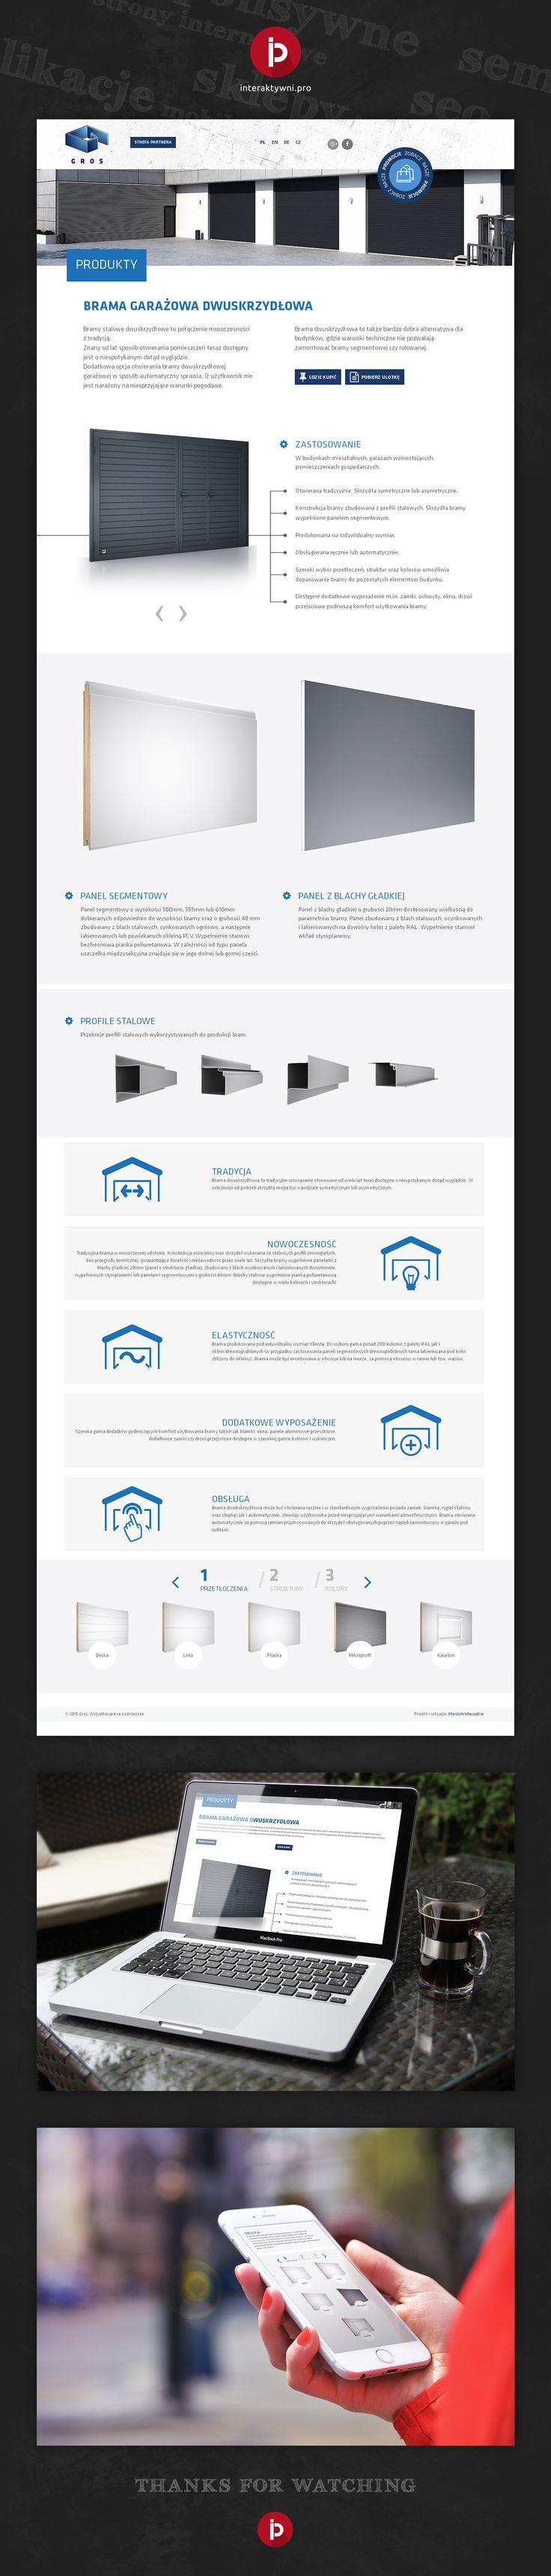 Efekt długoletniej współpracy z firmą Gros - producentem bram garażowych i przemysłowych - to nowa, minimalistyczna, responsywna strona internetowa. Zachęcamy do odwiedzin. //  The effect of long-term cooperation with company Gros - a manufacturer of garage doors and industrial - is a new, minimalist, responsive website. We encourage You to visit. #webdesign #responsywnastronainternetowa 3agencjainteraktywna #interaktywni